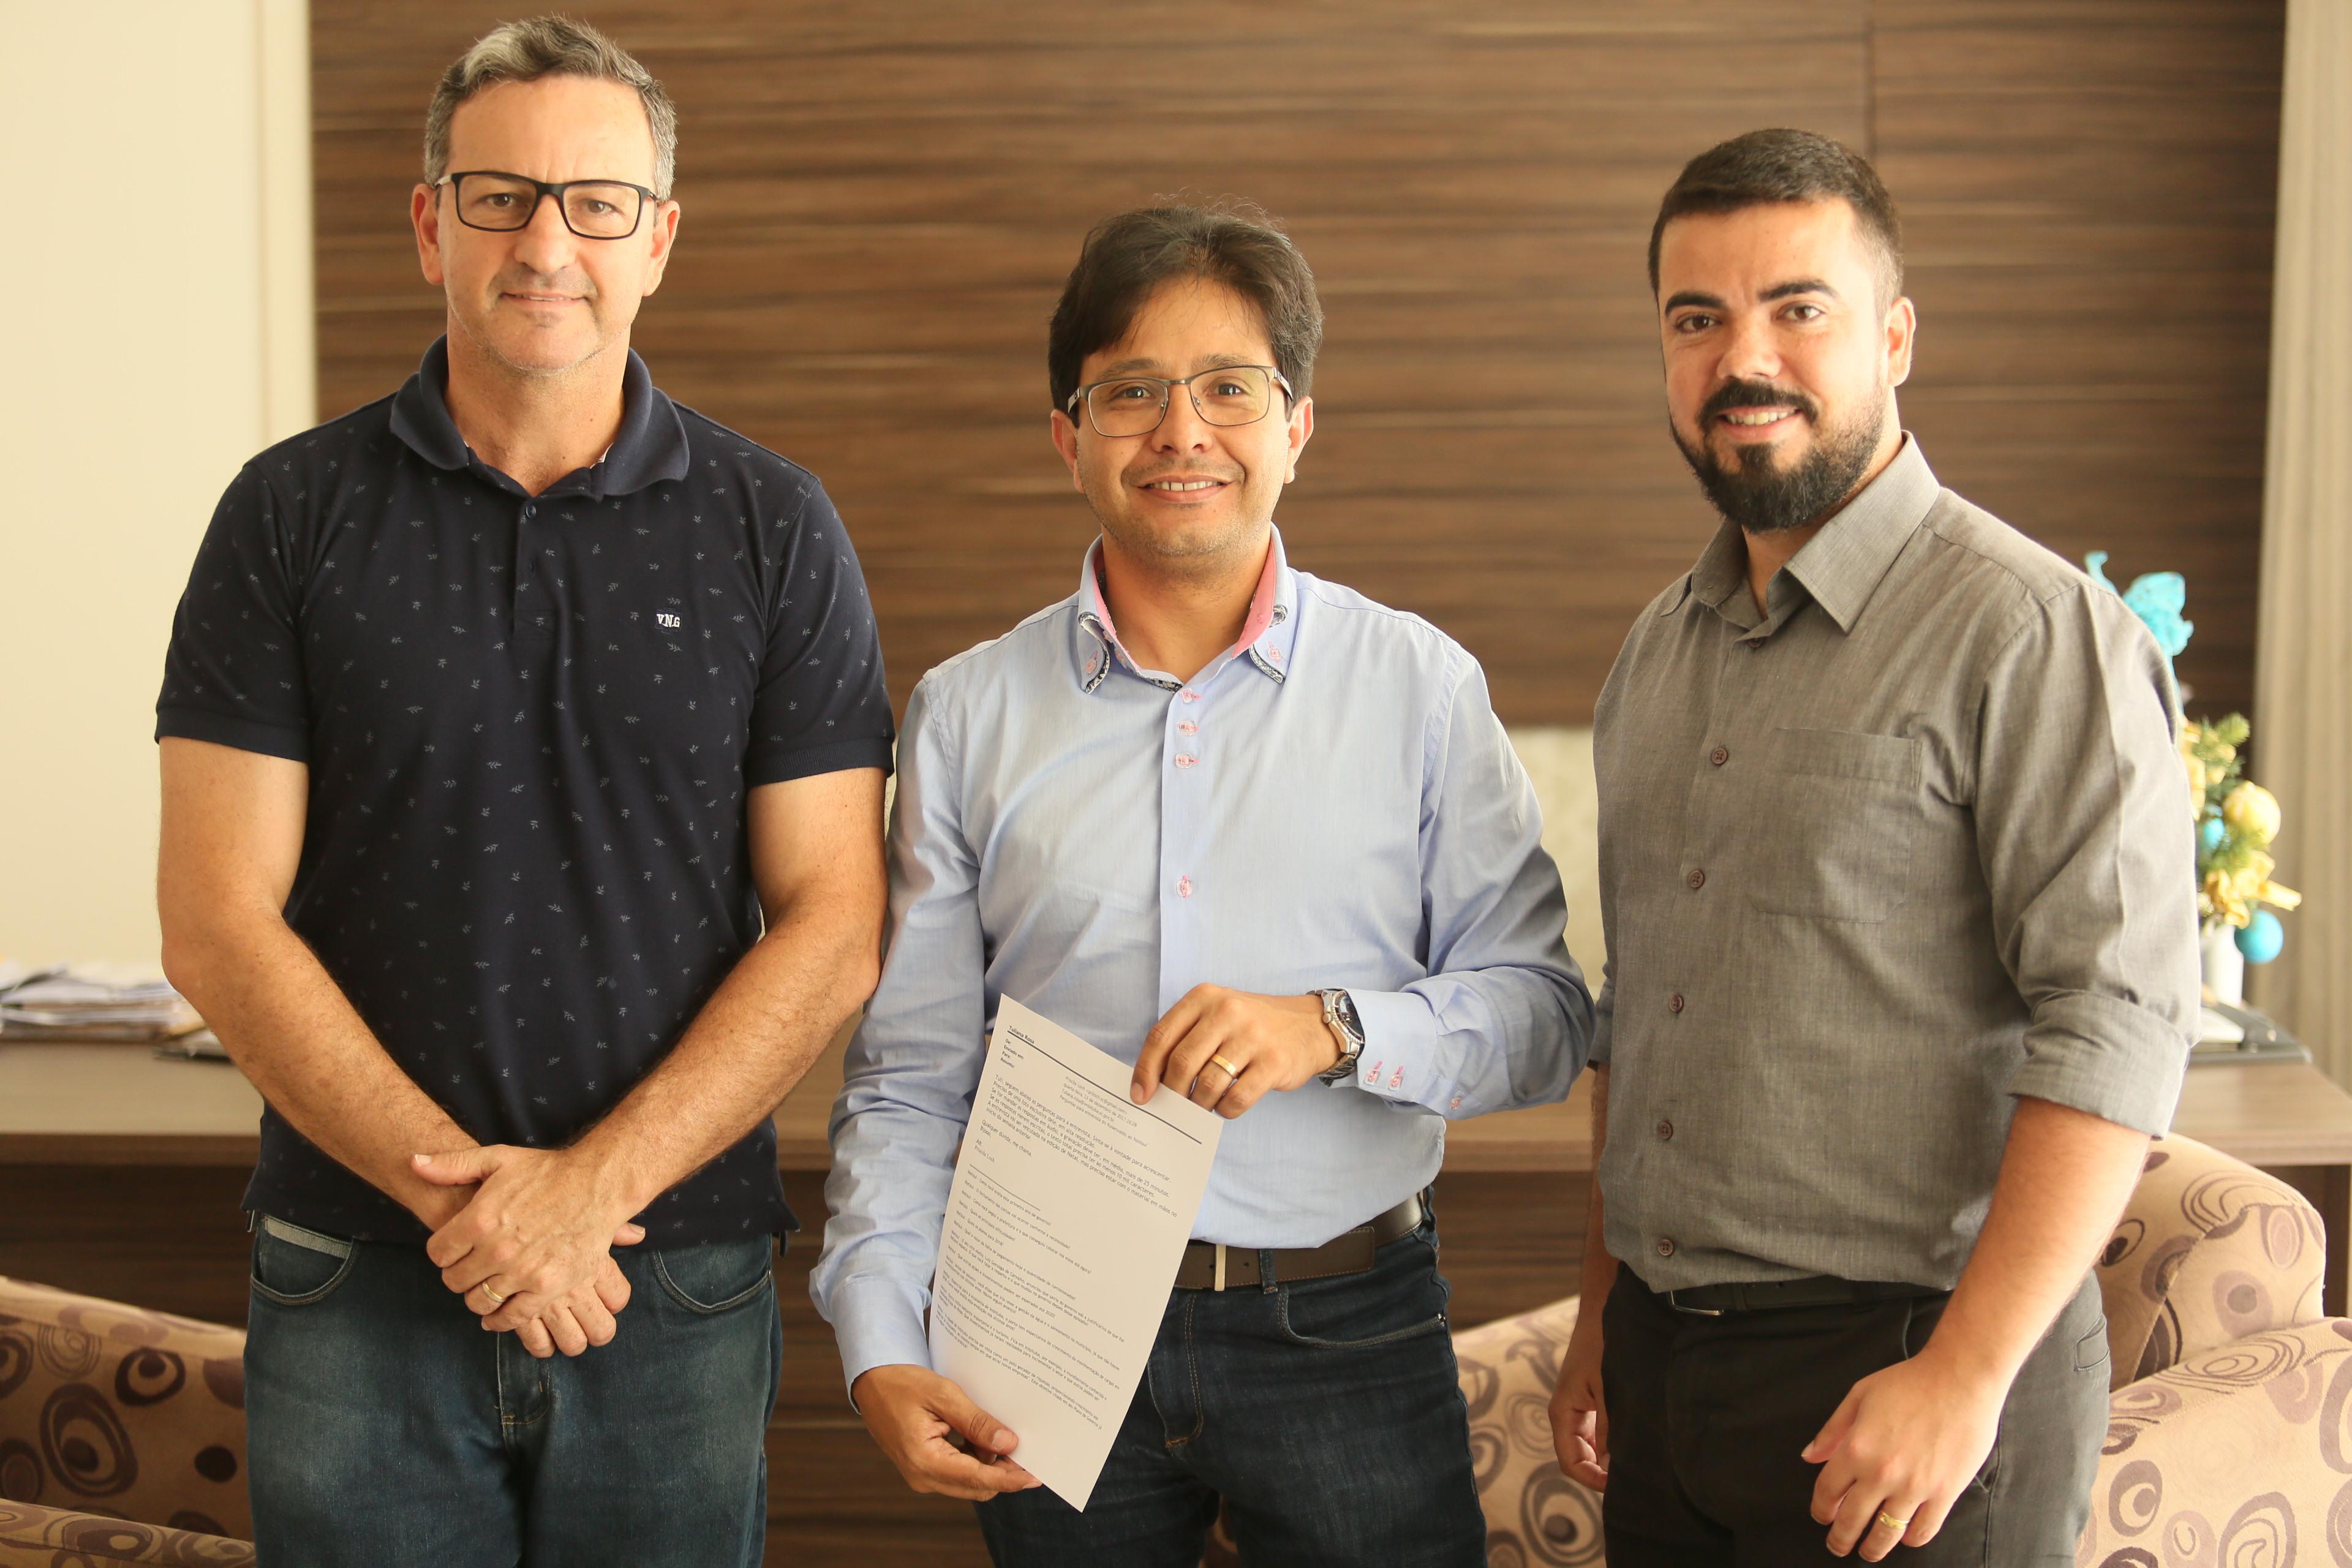 Responsáveis pelas indicações, vereadores Humberto dos Santos (E) e Eduardo Faustina (D) posam ao lado do prefeito Rosenvaldo Júnior após assinatura do convênio